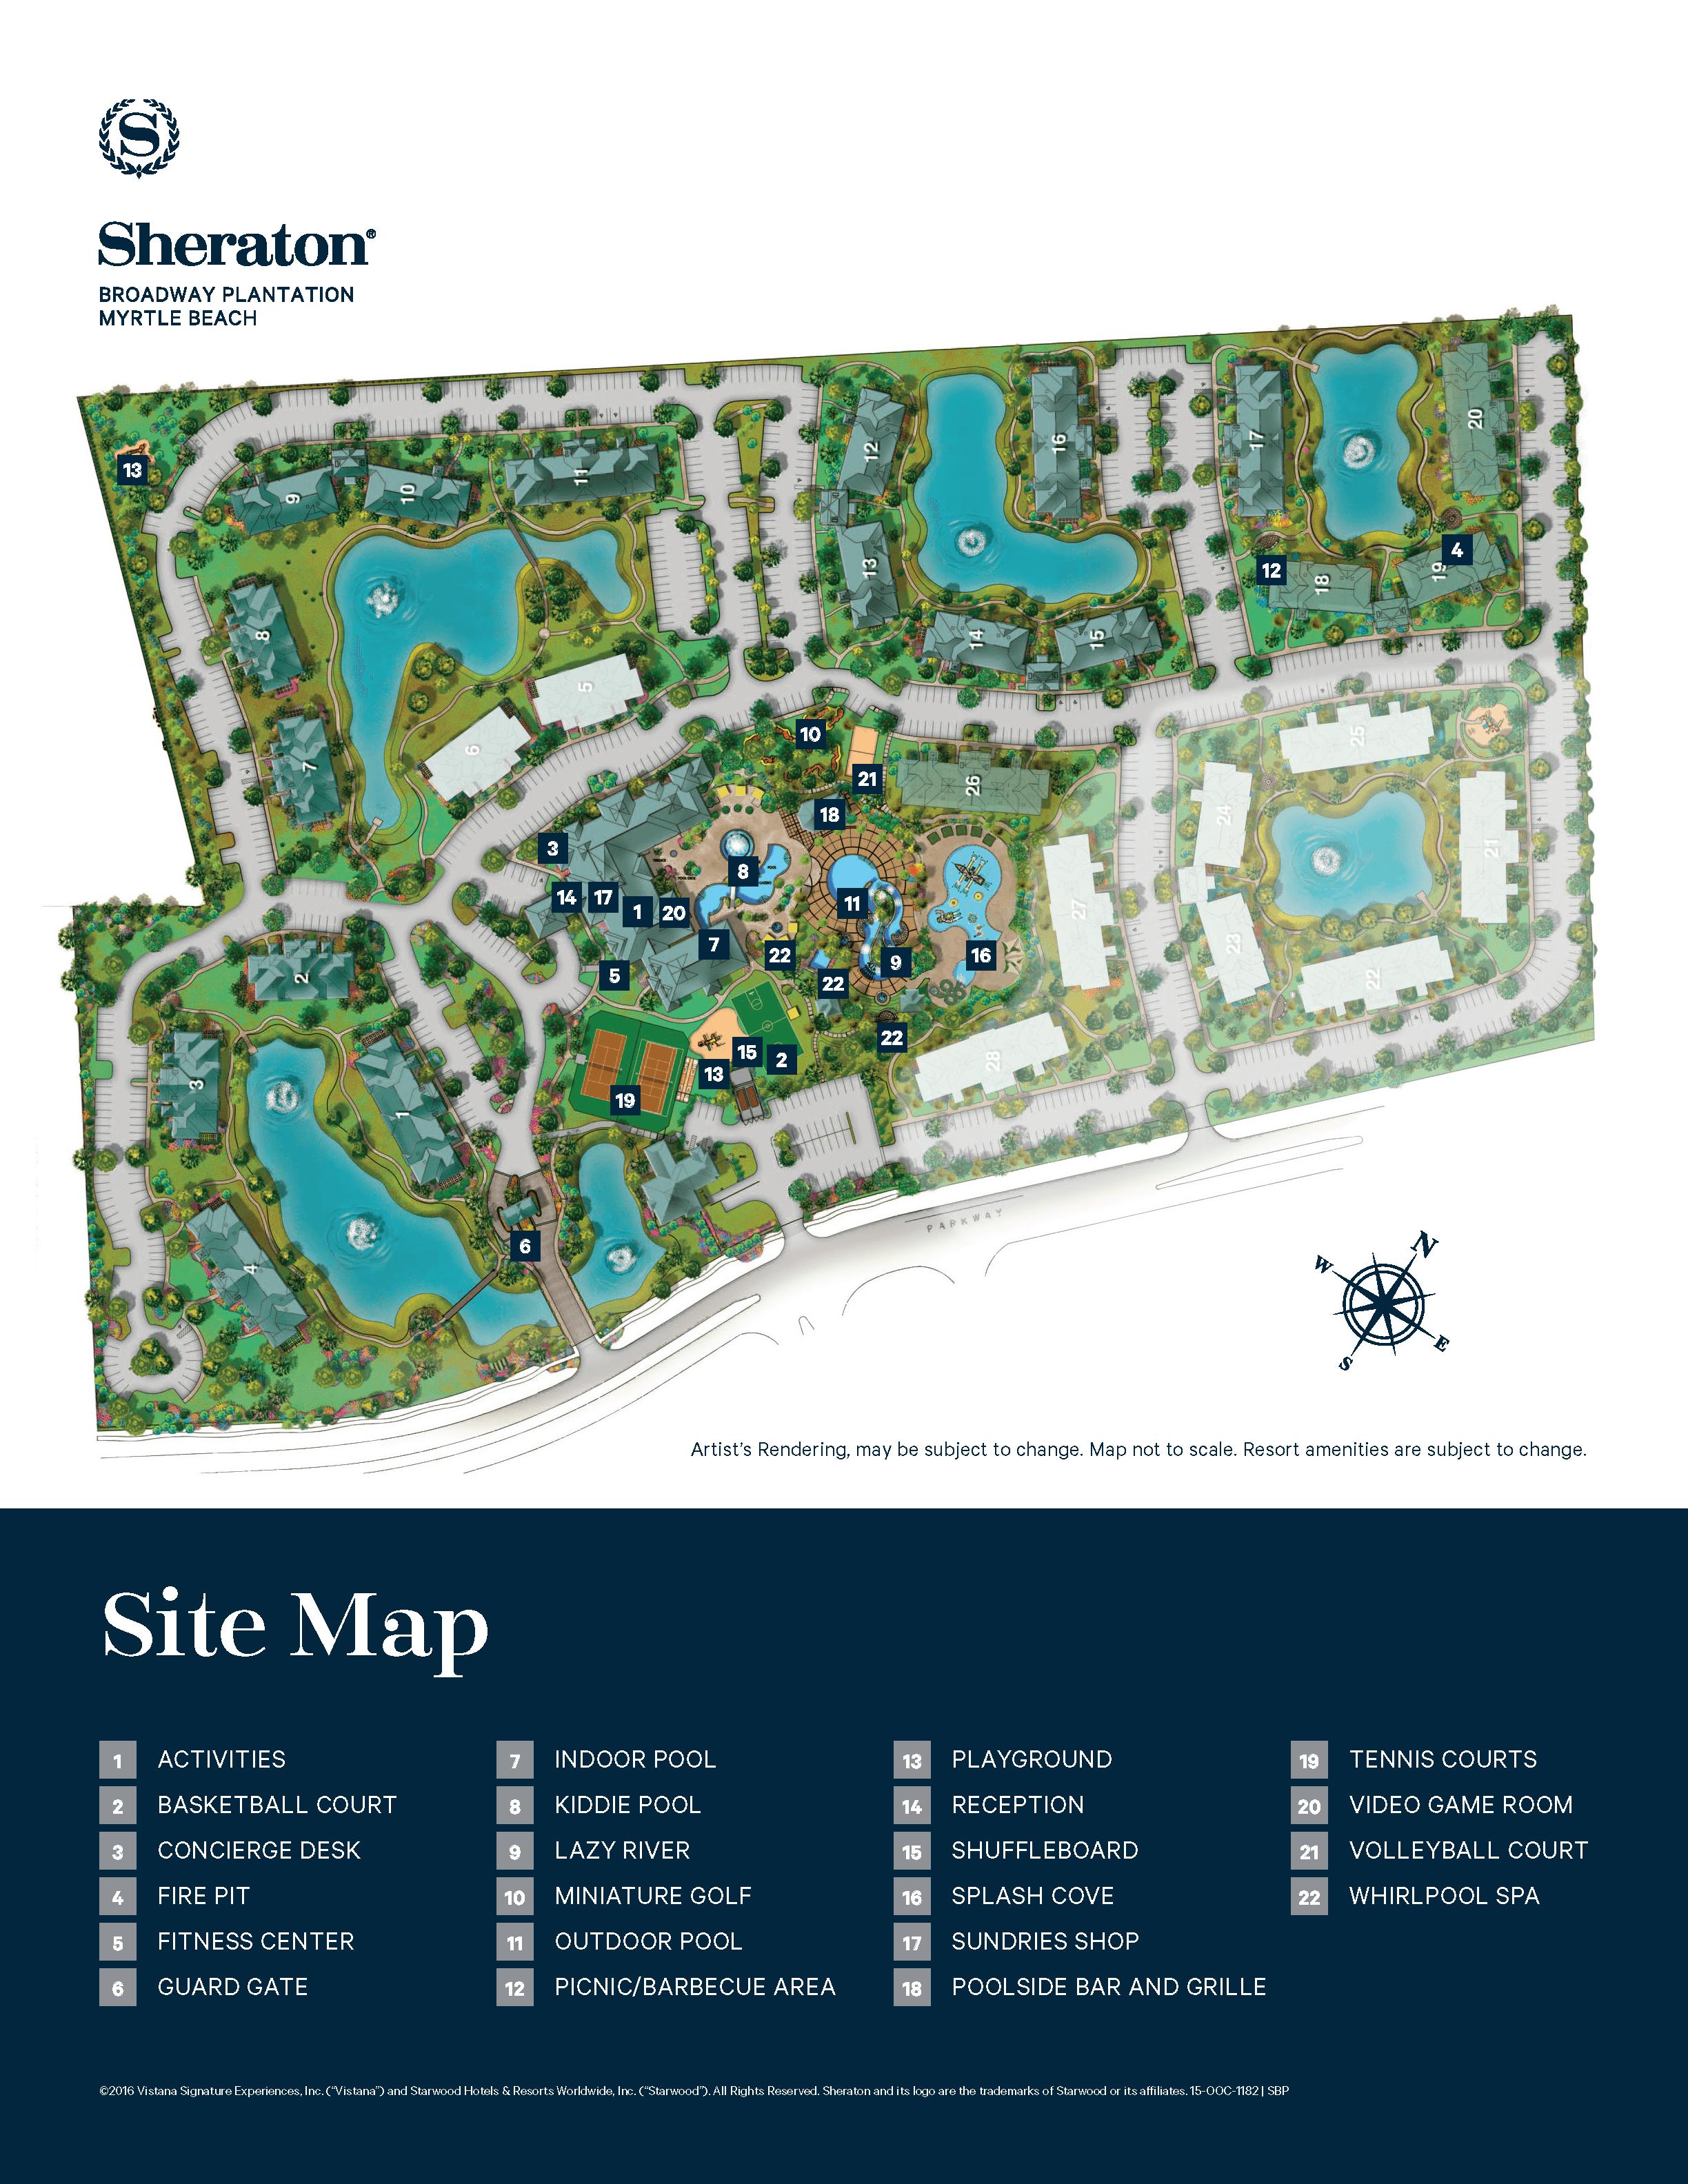 Sheraton Broadway Plantation Resort Map